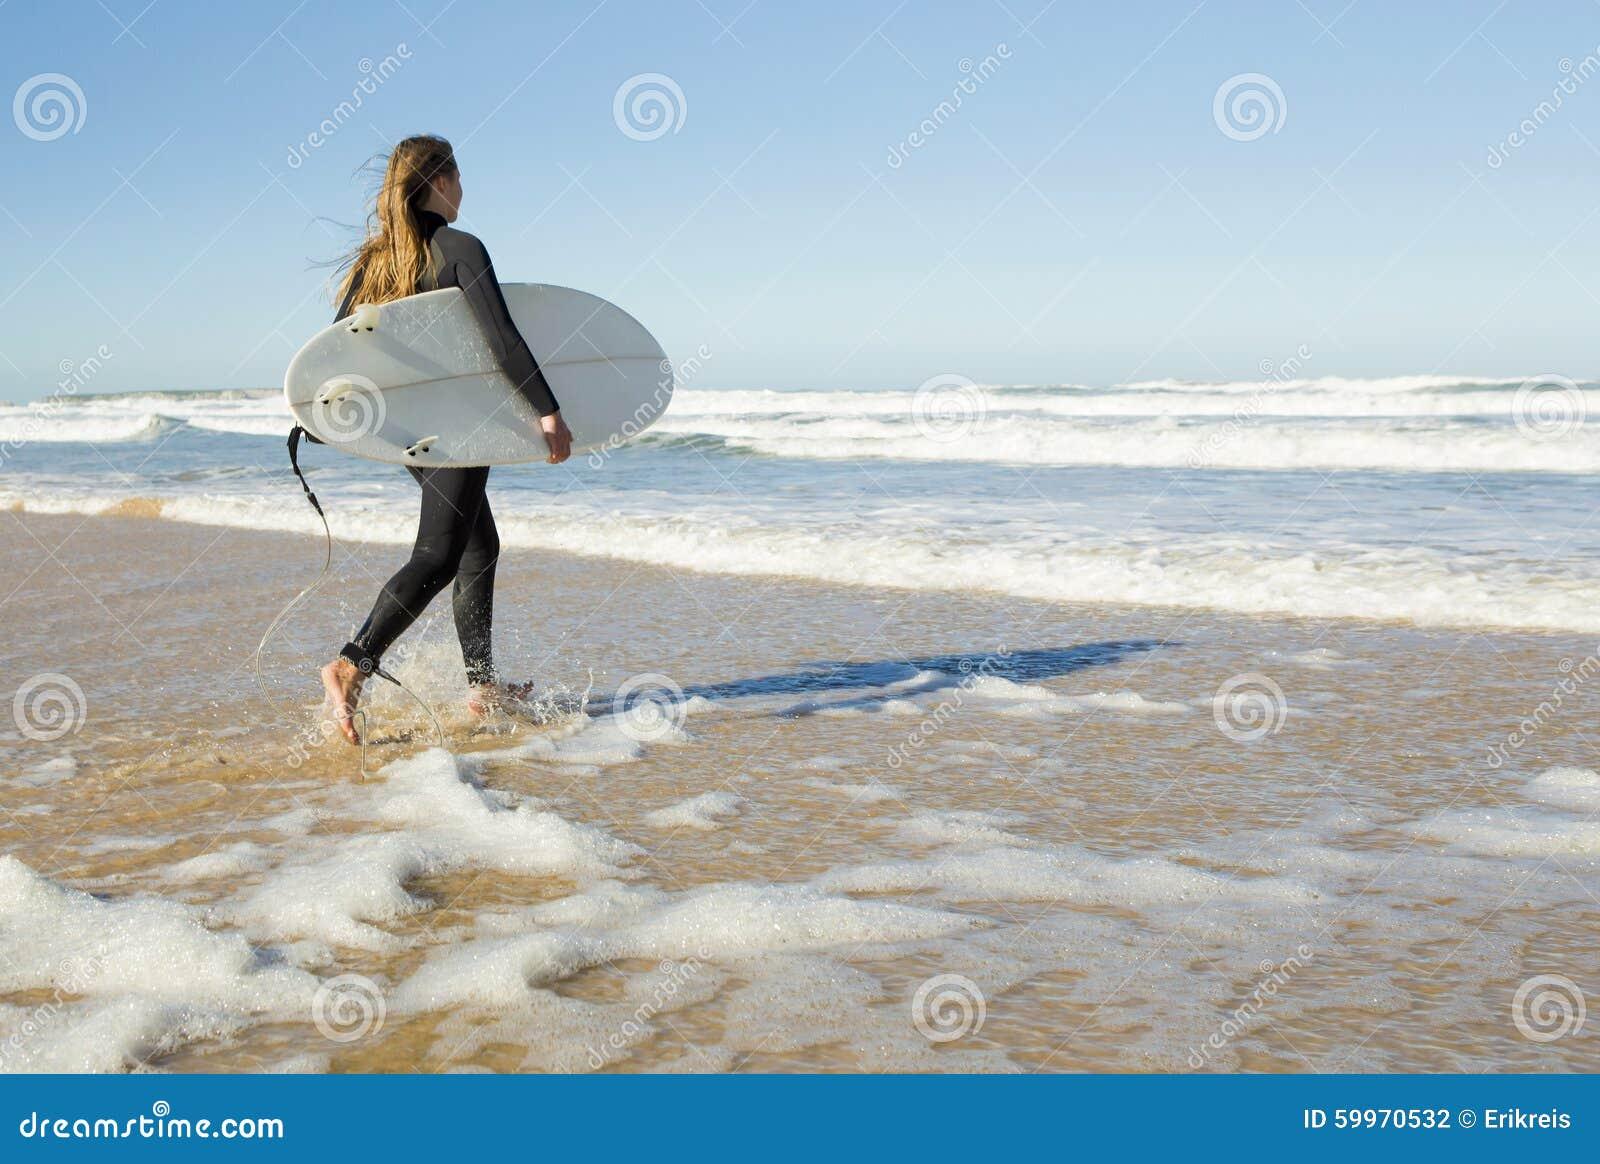 Surfermeisje